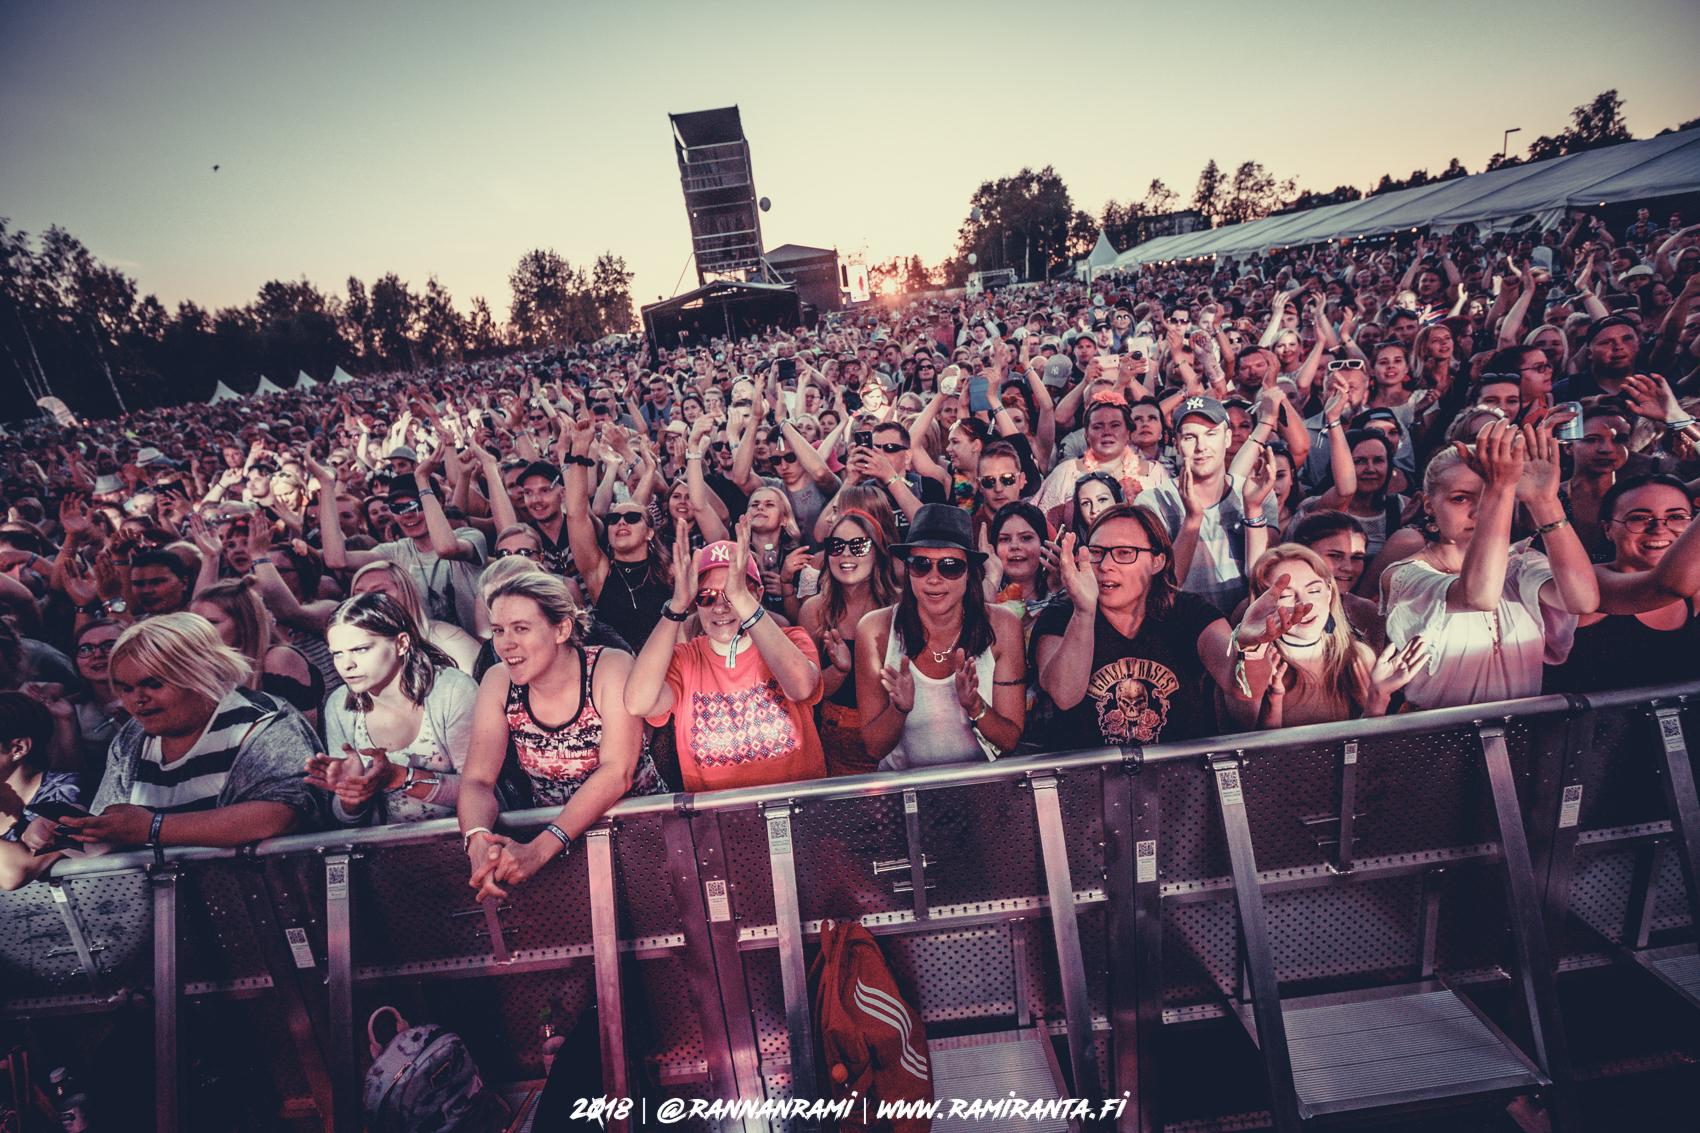 Kesäfiiliksiä! Suomipop festivaali oli silkkaa lovee! – Kuvafiilistely